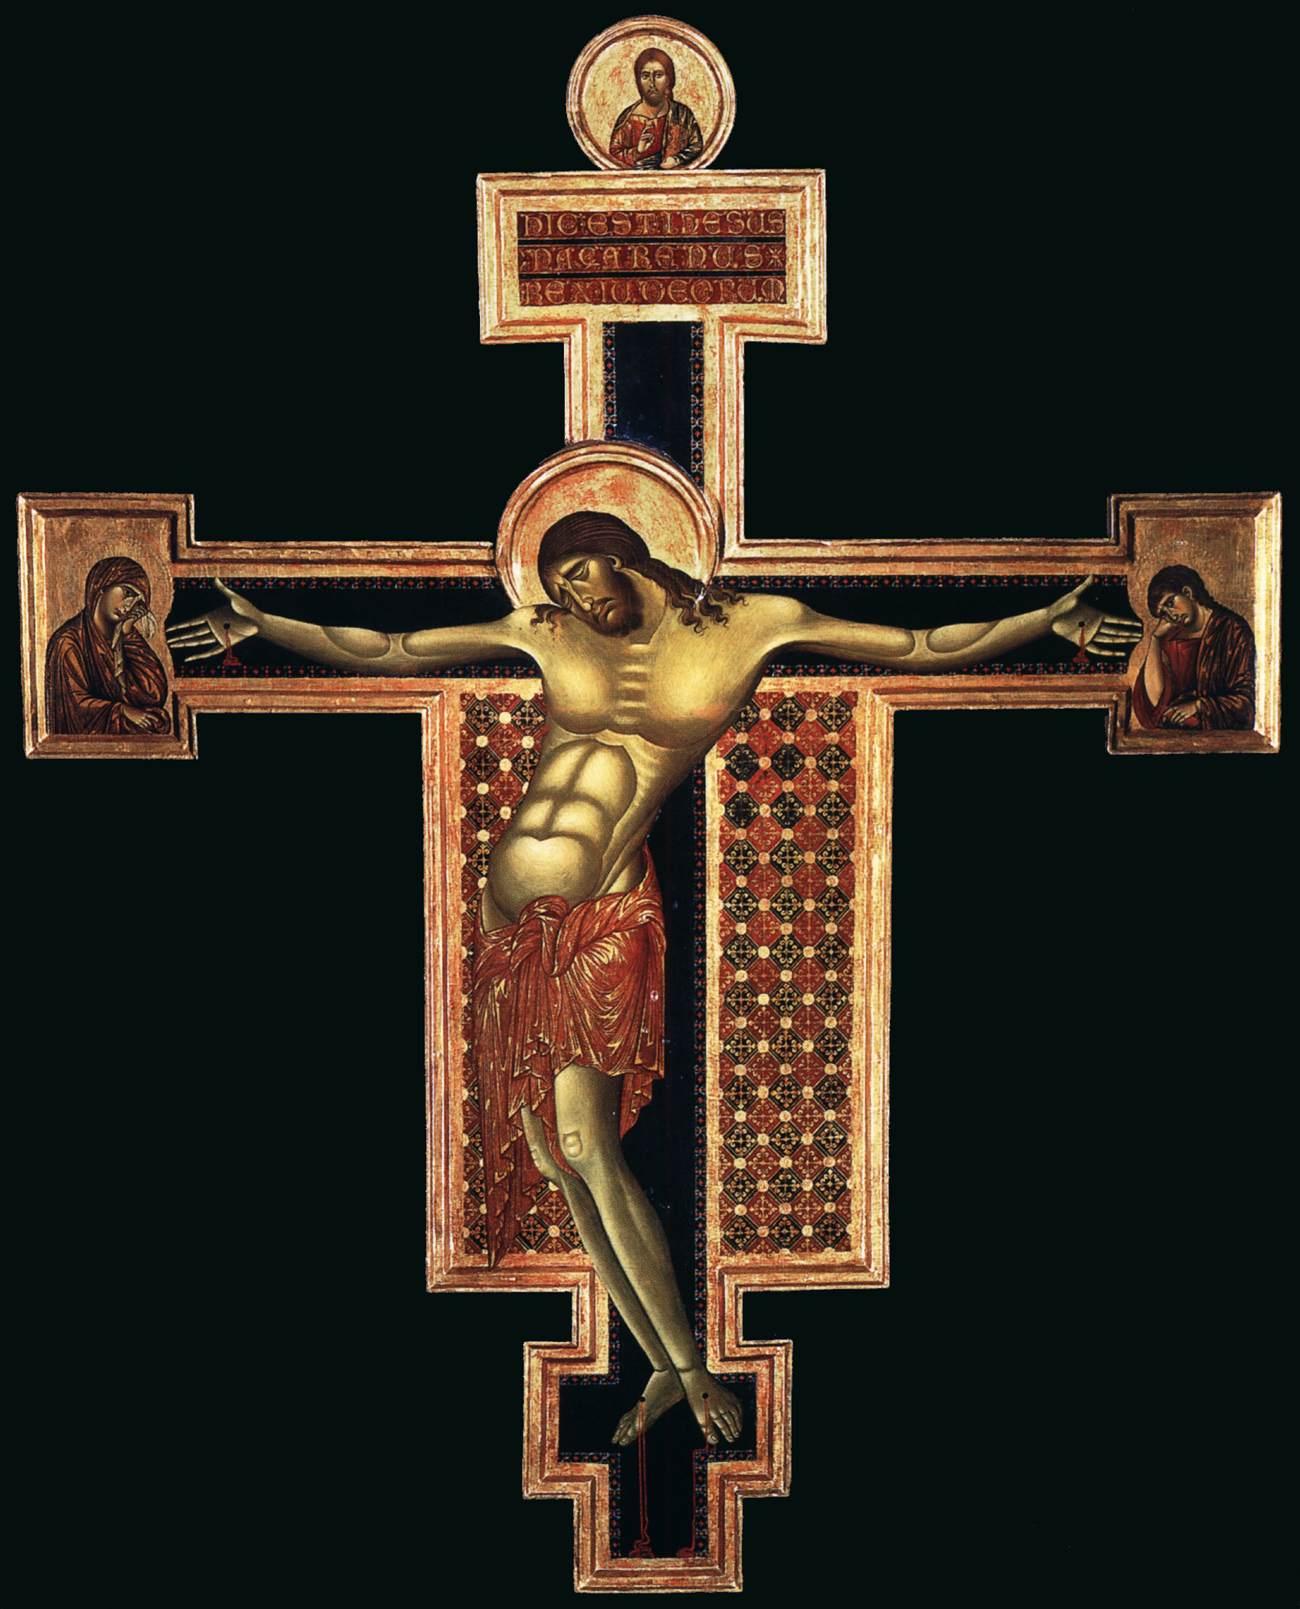 http://www.wga.hu/art/c/cimabue/crucifix/cruci_a.jpg